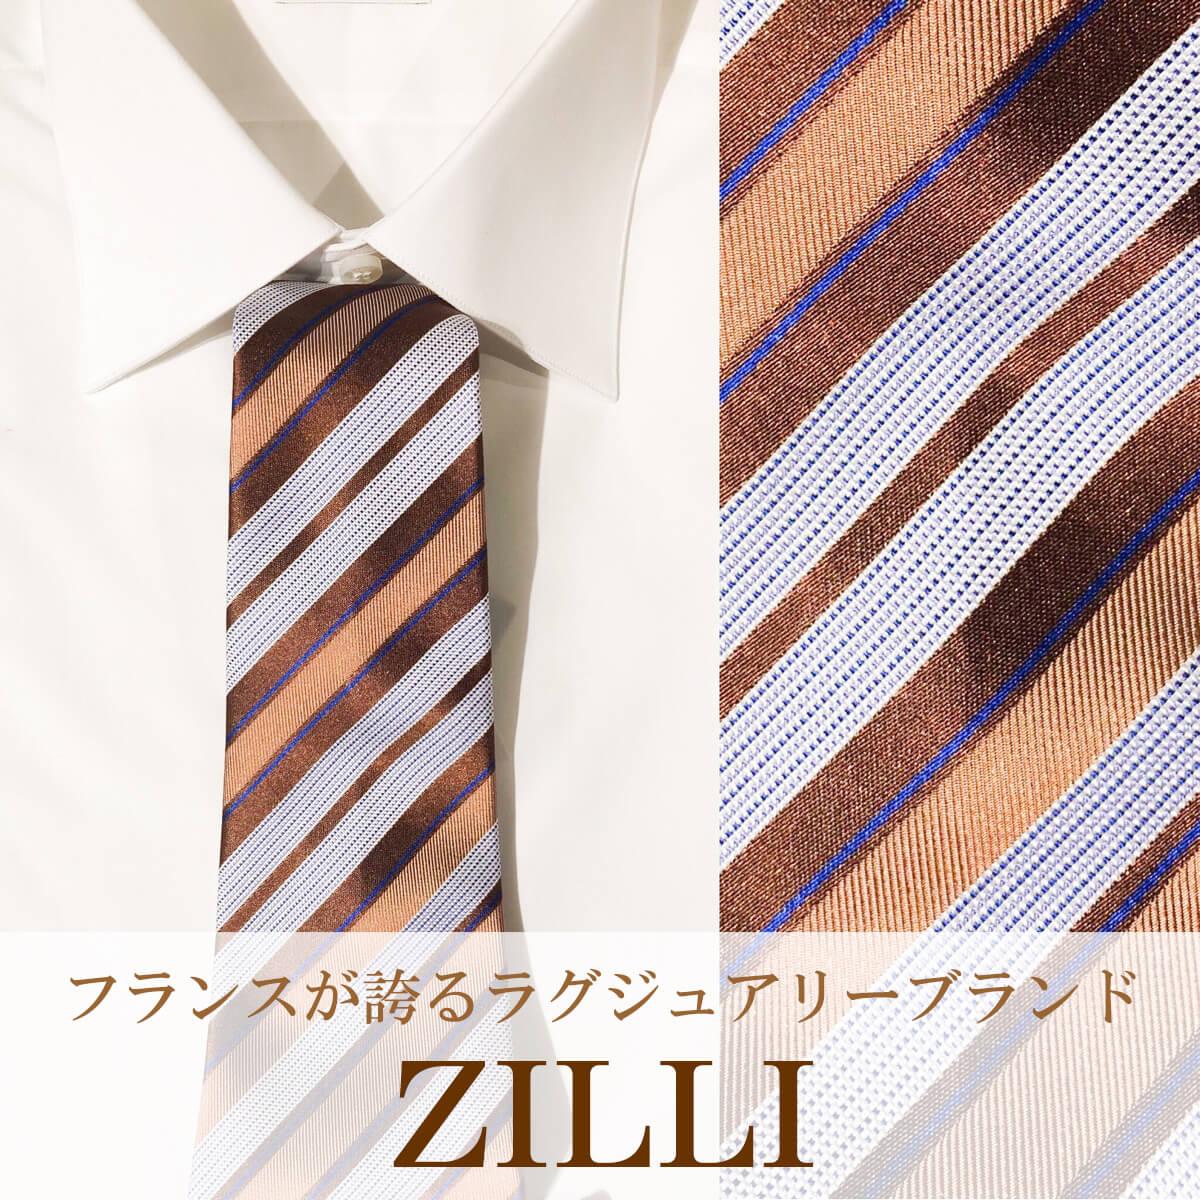 ZILLI (ジリー)ネクタイ ブランド 高級 ジリー ZILLI シルク ジャガード 結婚式 パーティー おしゃれ